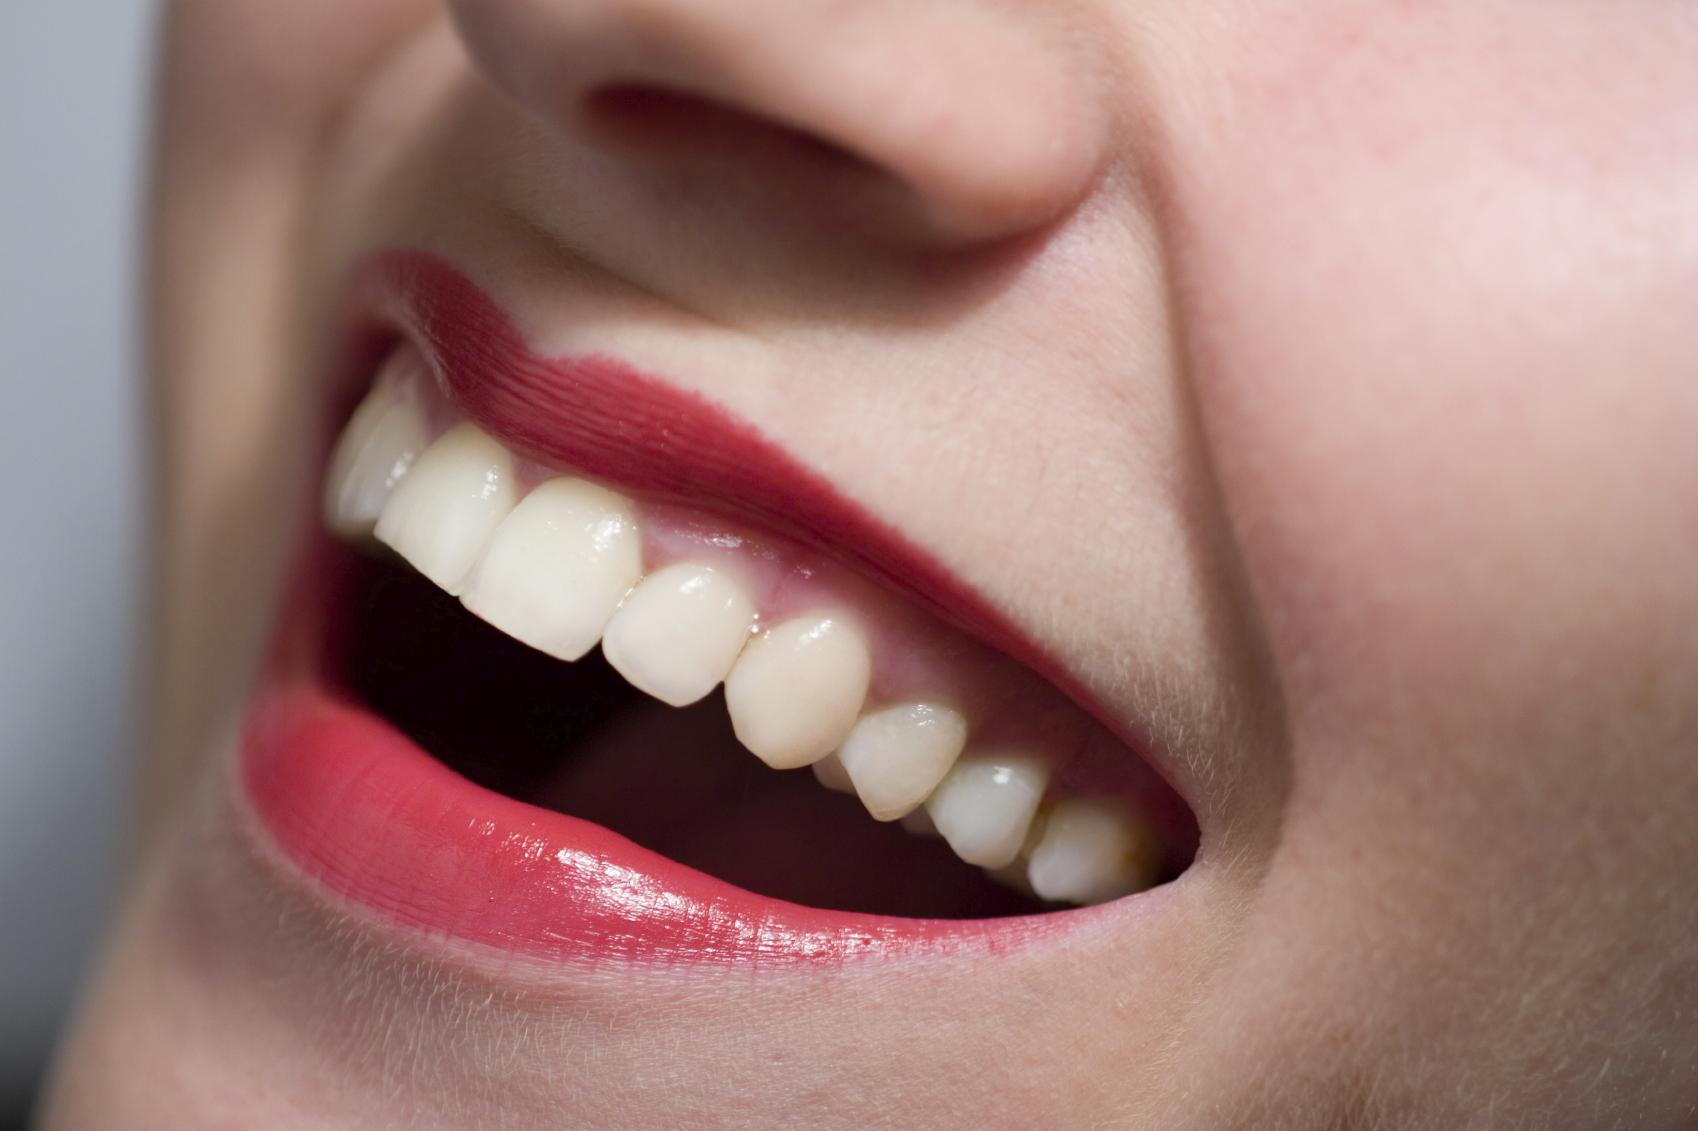 Эстетическая стоматология – услуги и отзывы